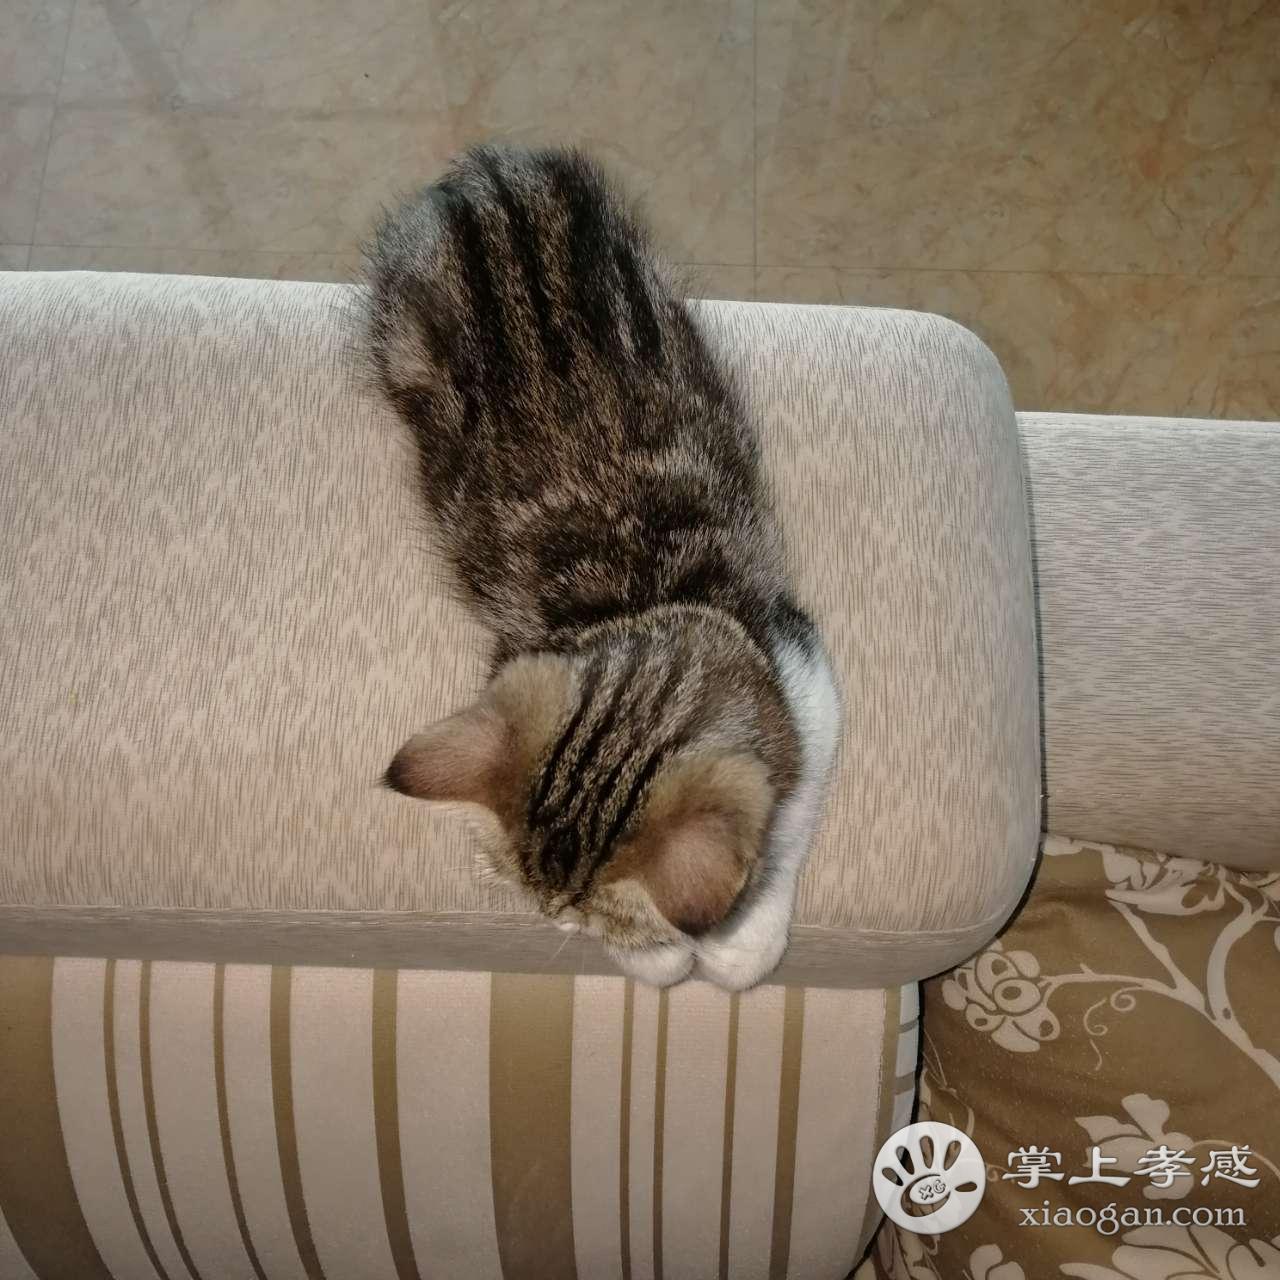 [寻宠启事] 寻一只猫咪 虎斑加菲猫急